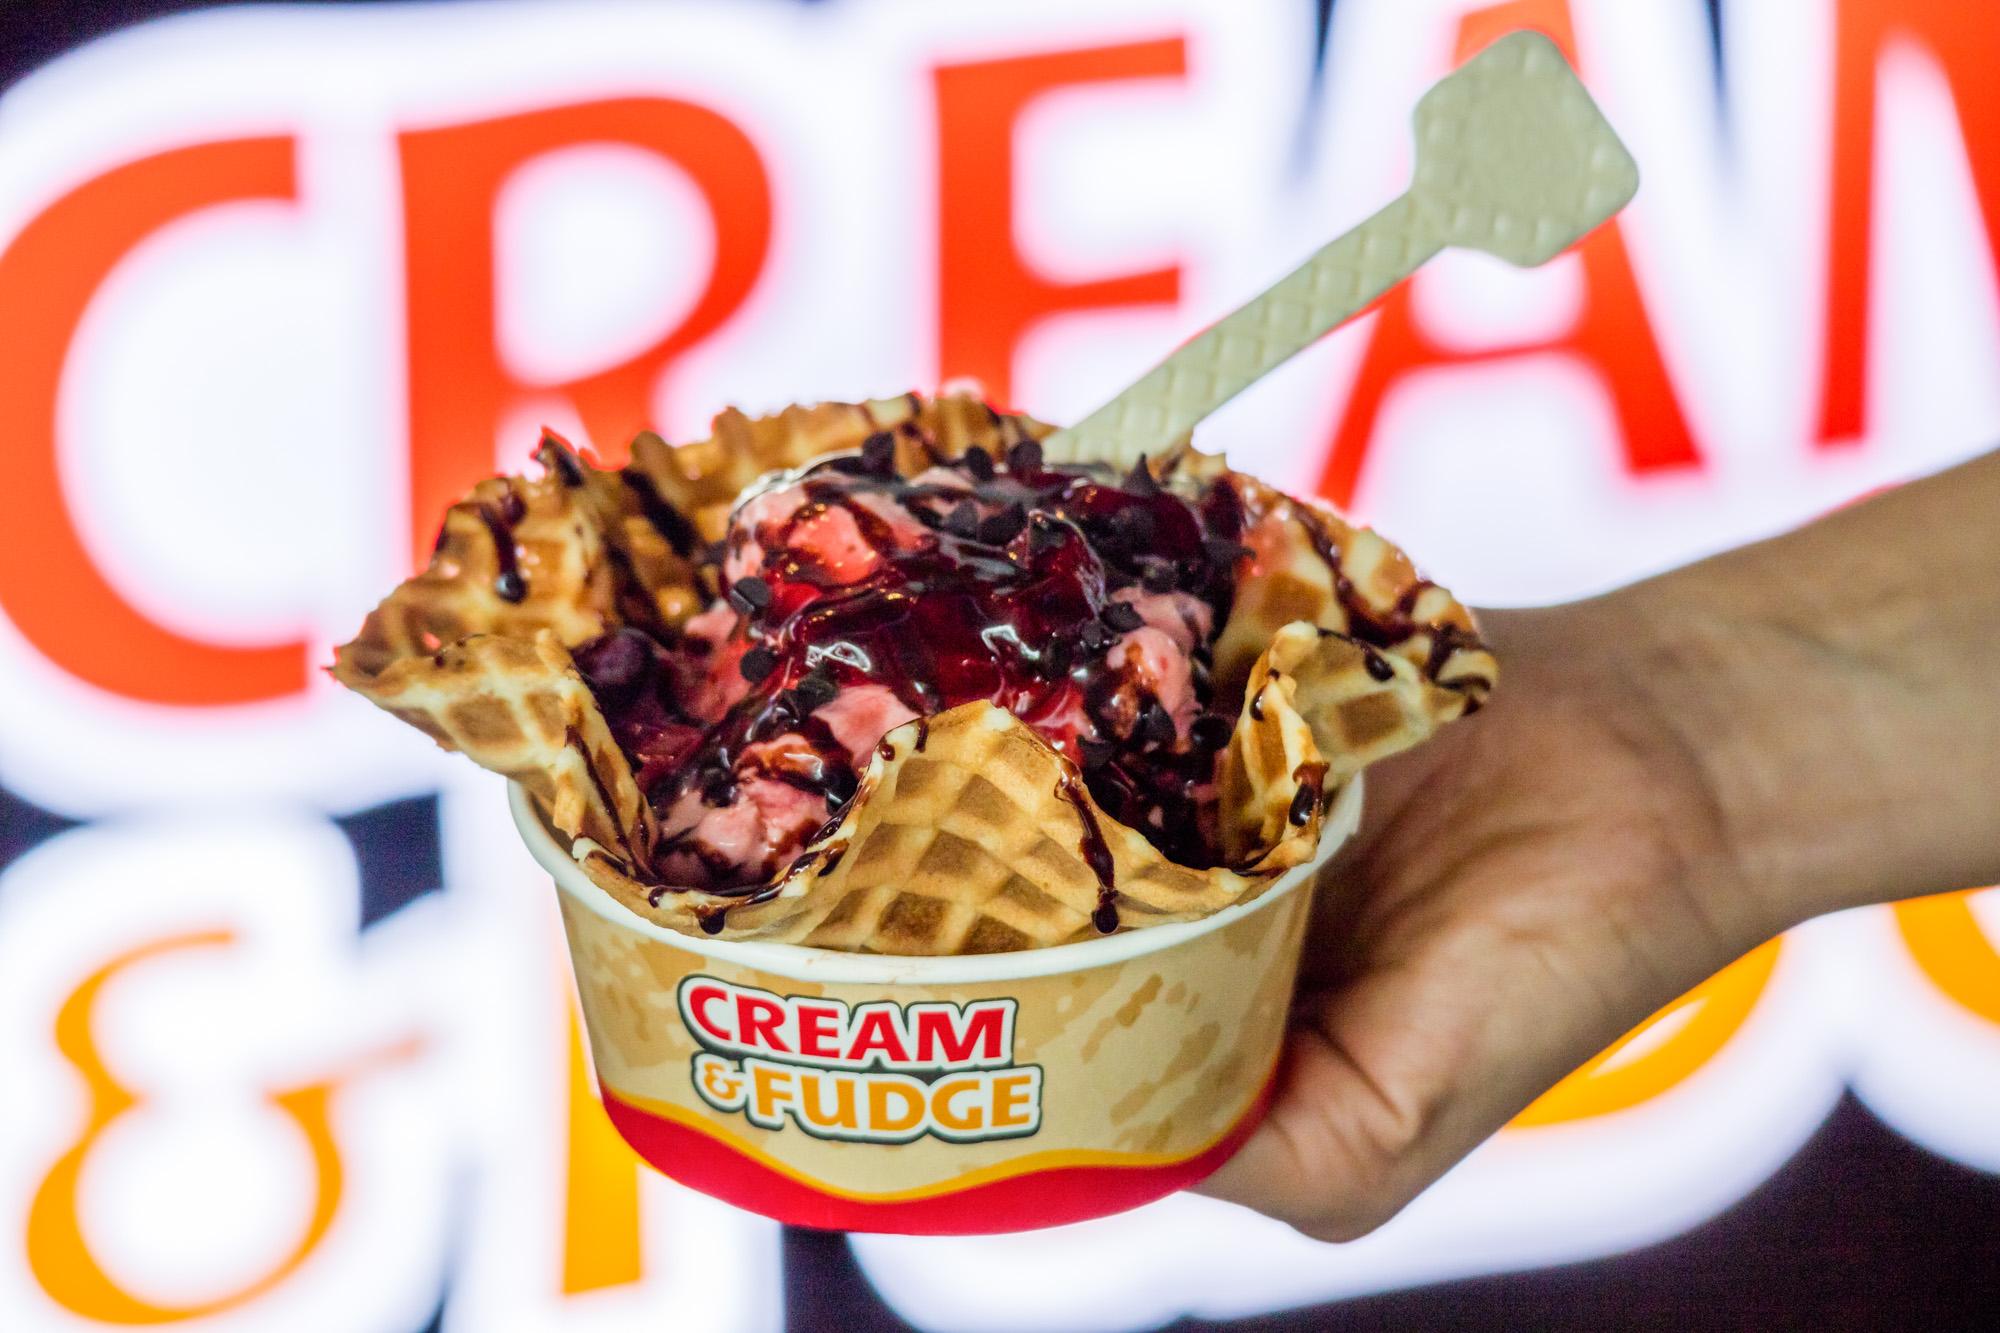 Chocolate Strawberry Heaven  ร้านอาหารแนะนำ ในอาคารผู้โดยสารขาออกระหว่างประเทศ ท่าอากาศยานภูเก็ต IMG 8313